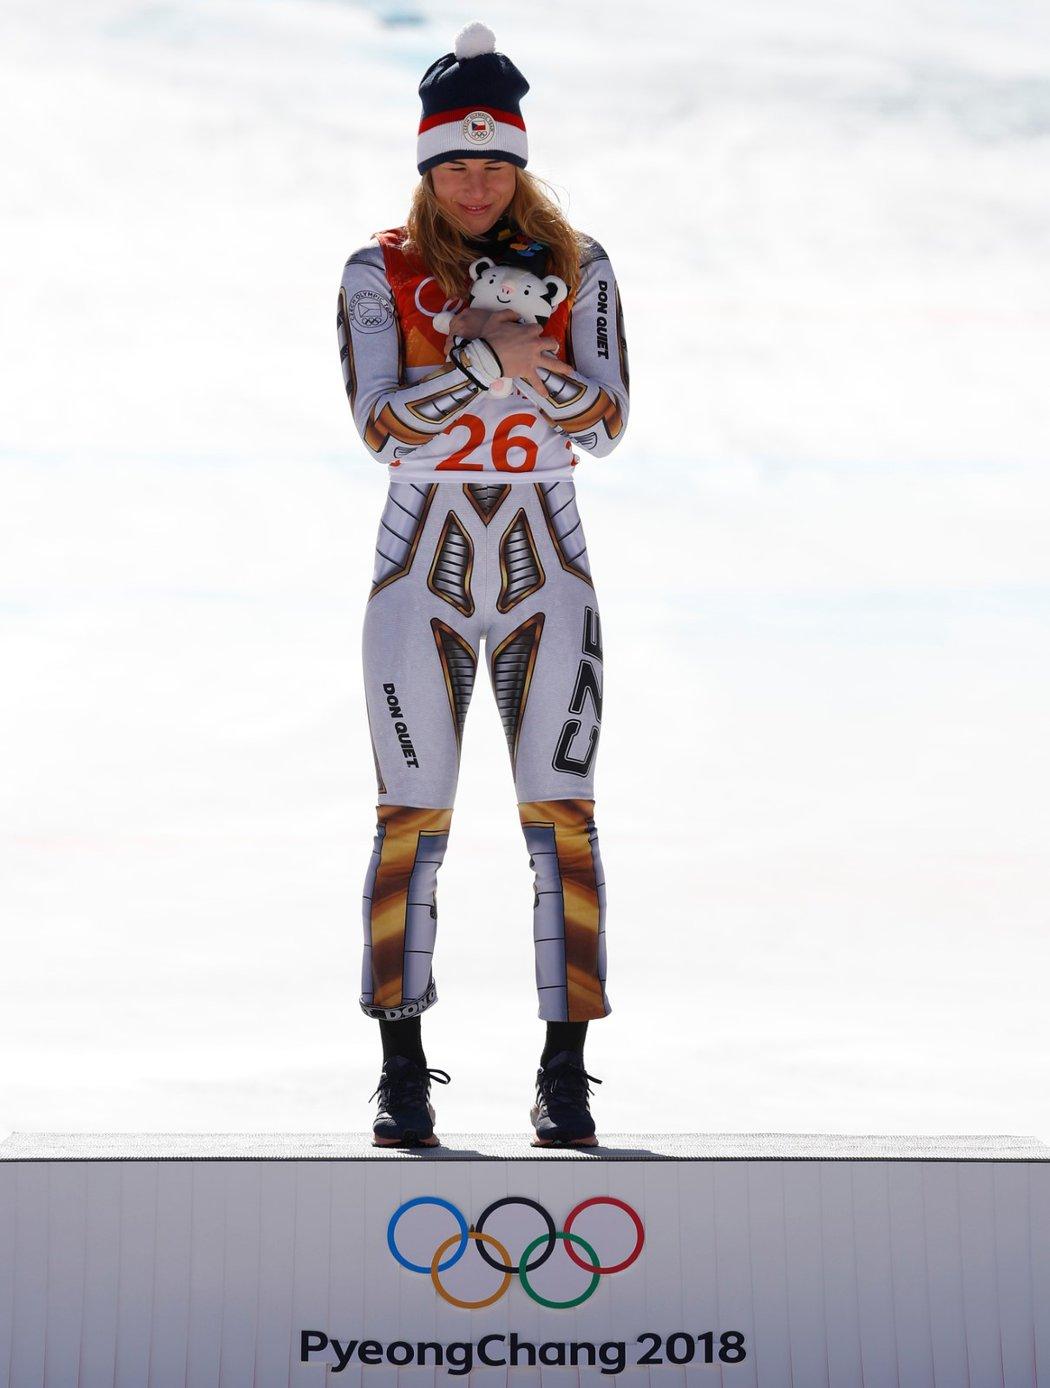 Gratulace, Ester! Česká lyžařka je v Koreji jedničkou na Super-G